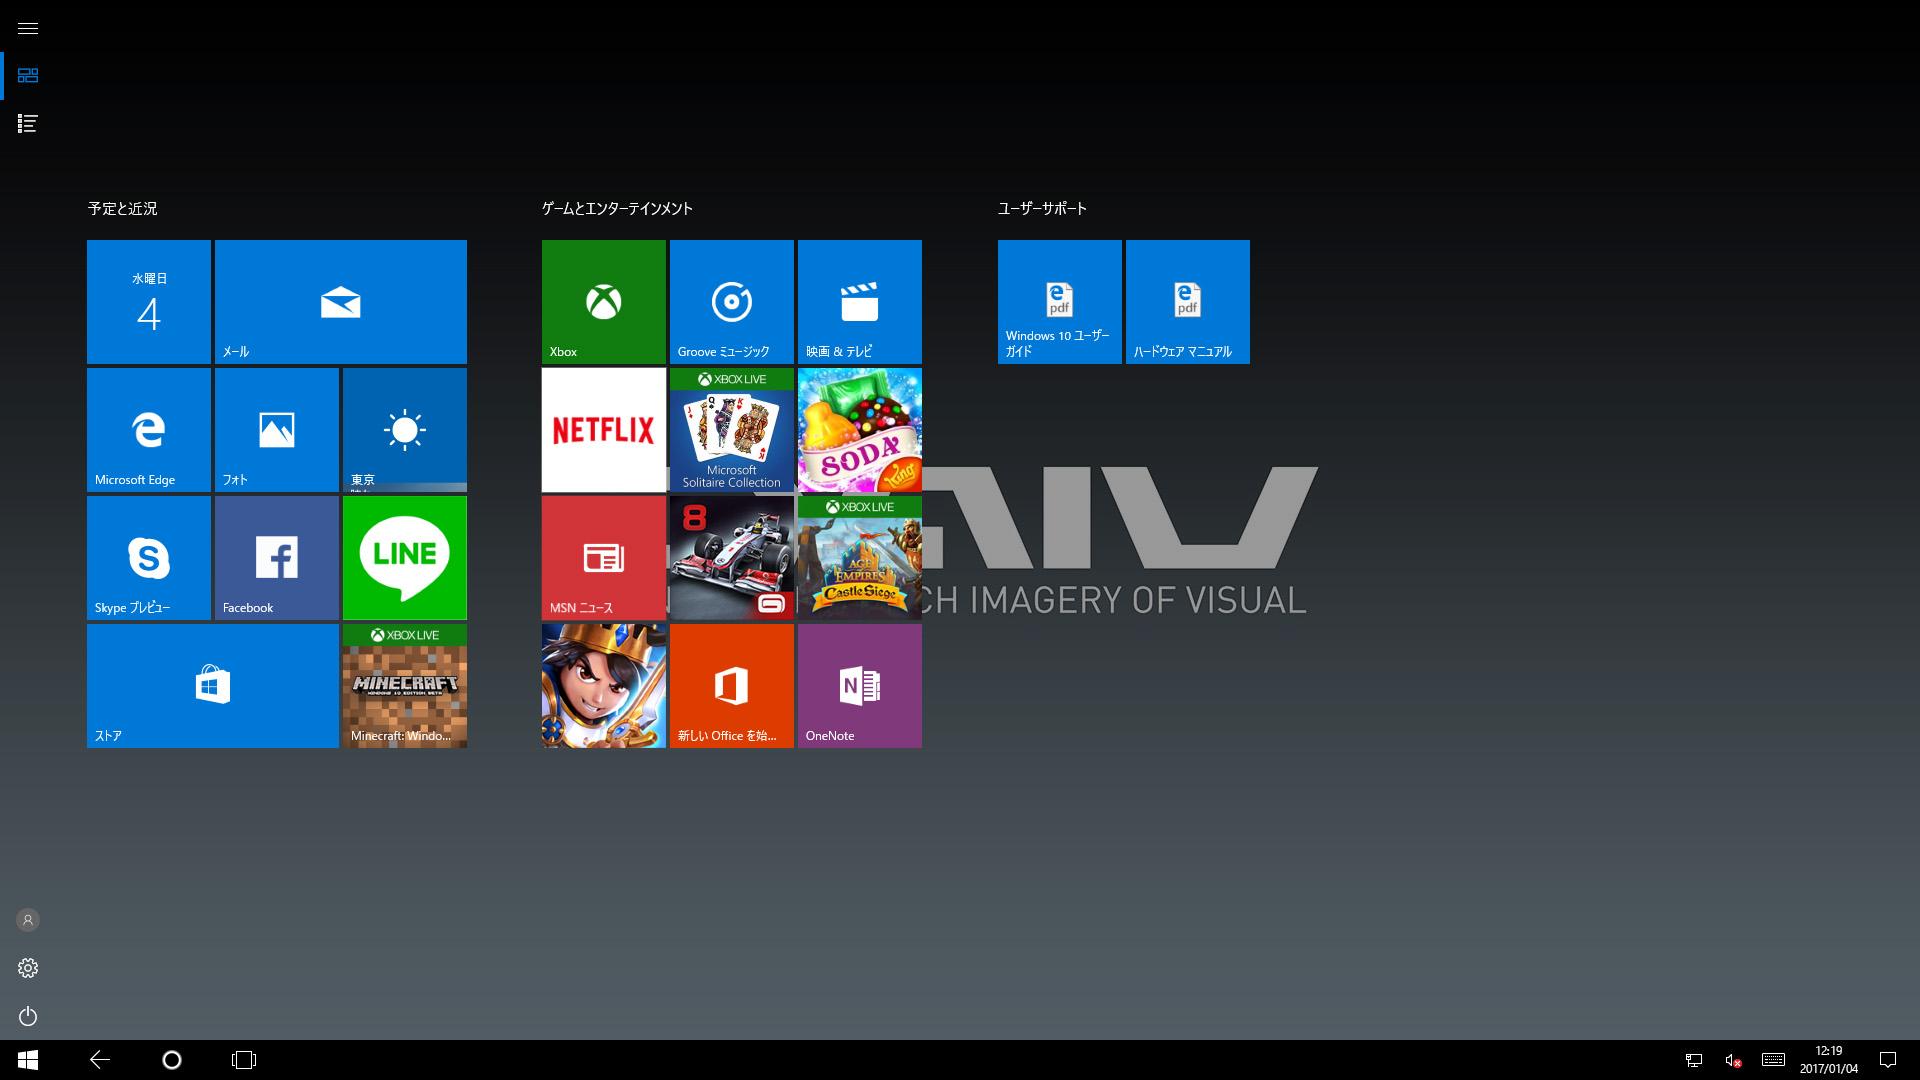 スタート画面(タブレットモード)。Windows 10標準に加え、「ユーザーサポート」で、「Windows 10ユーザーガイド」と「ハードウェアマニュアル」が追加